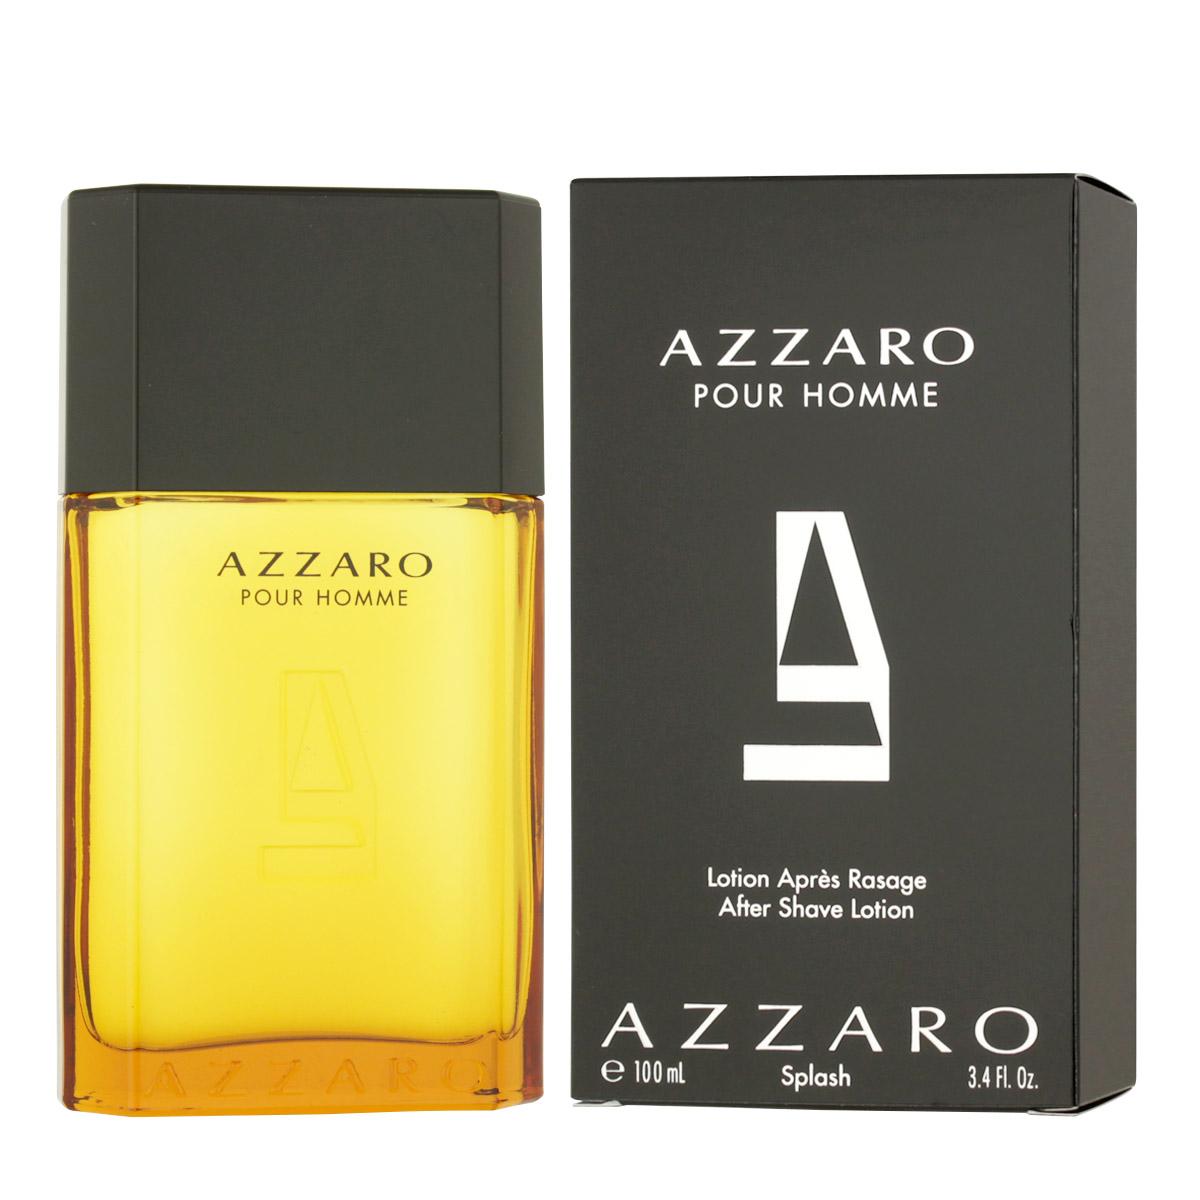 Azzaro Pour Homme AS 100 ml M